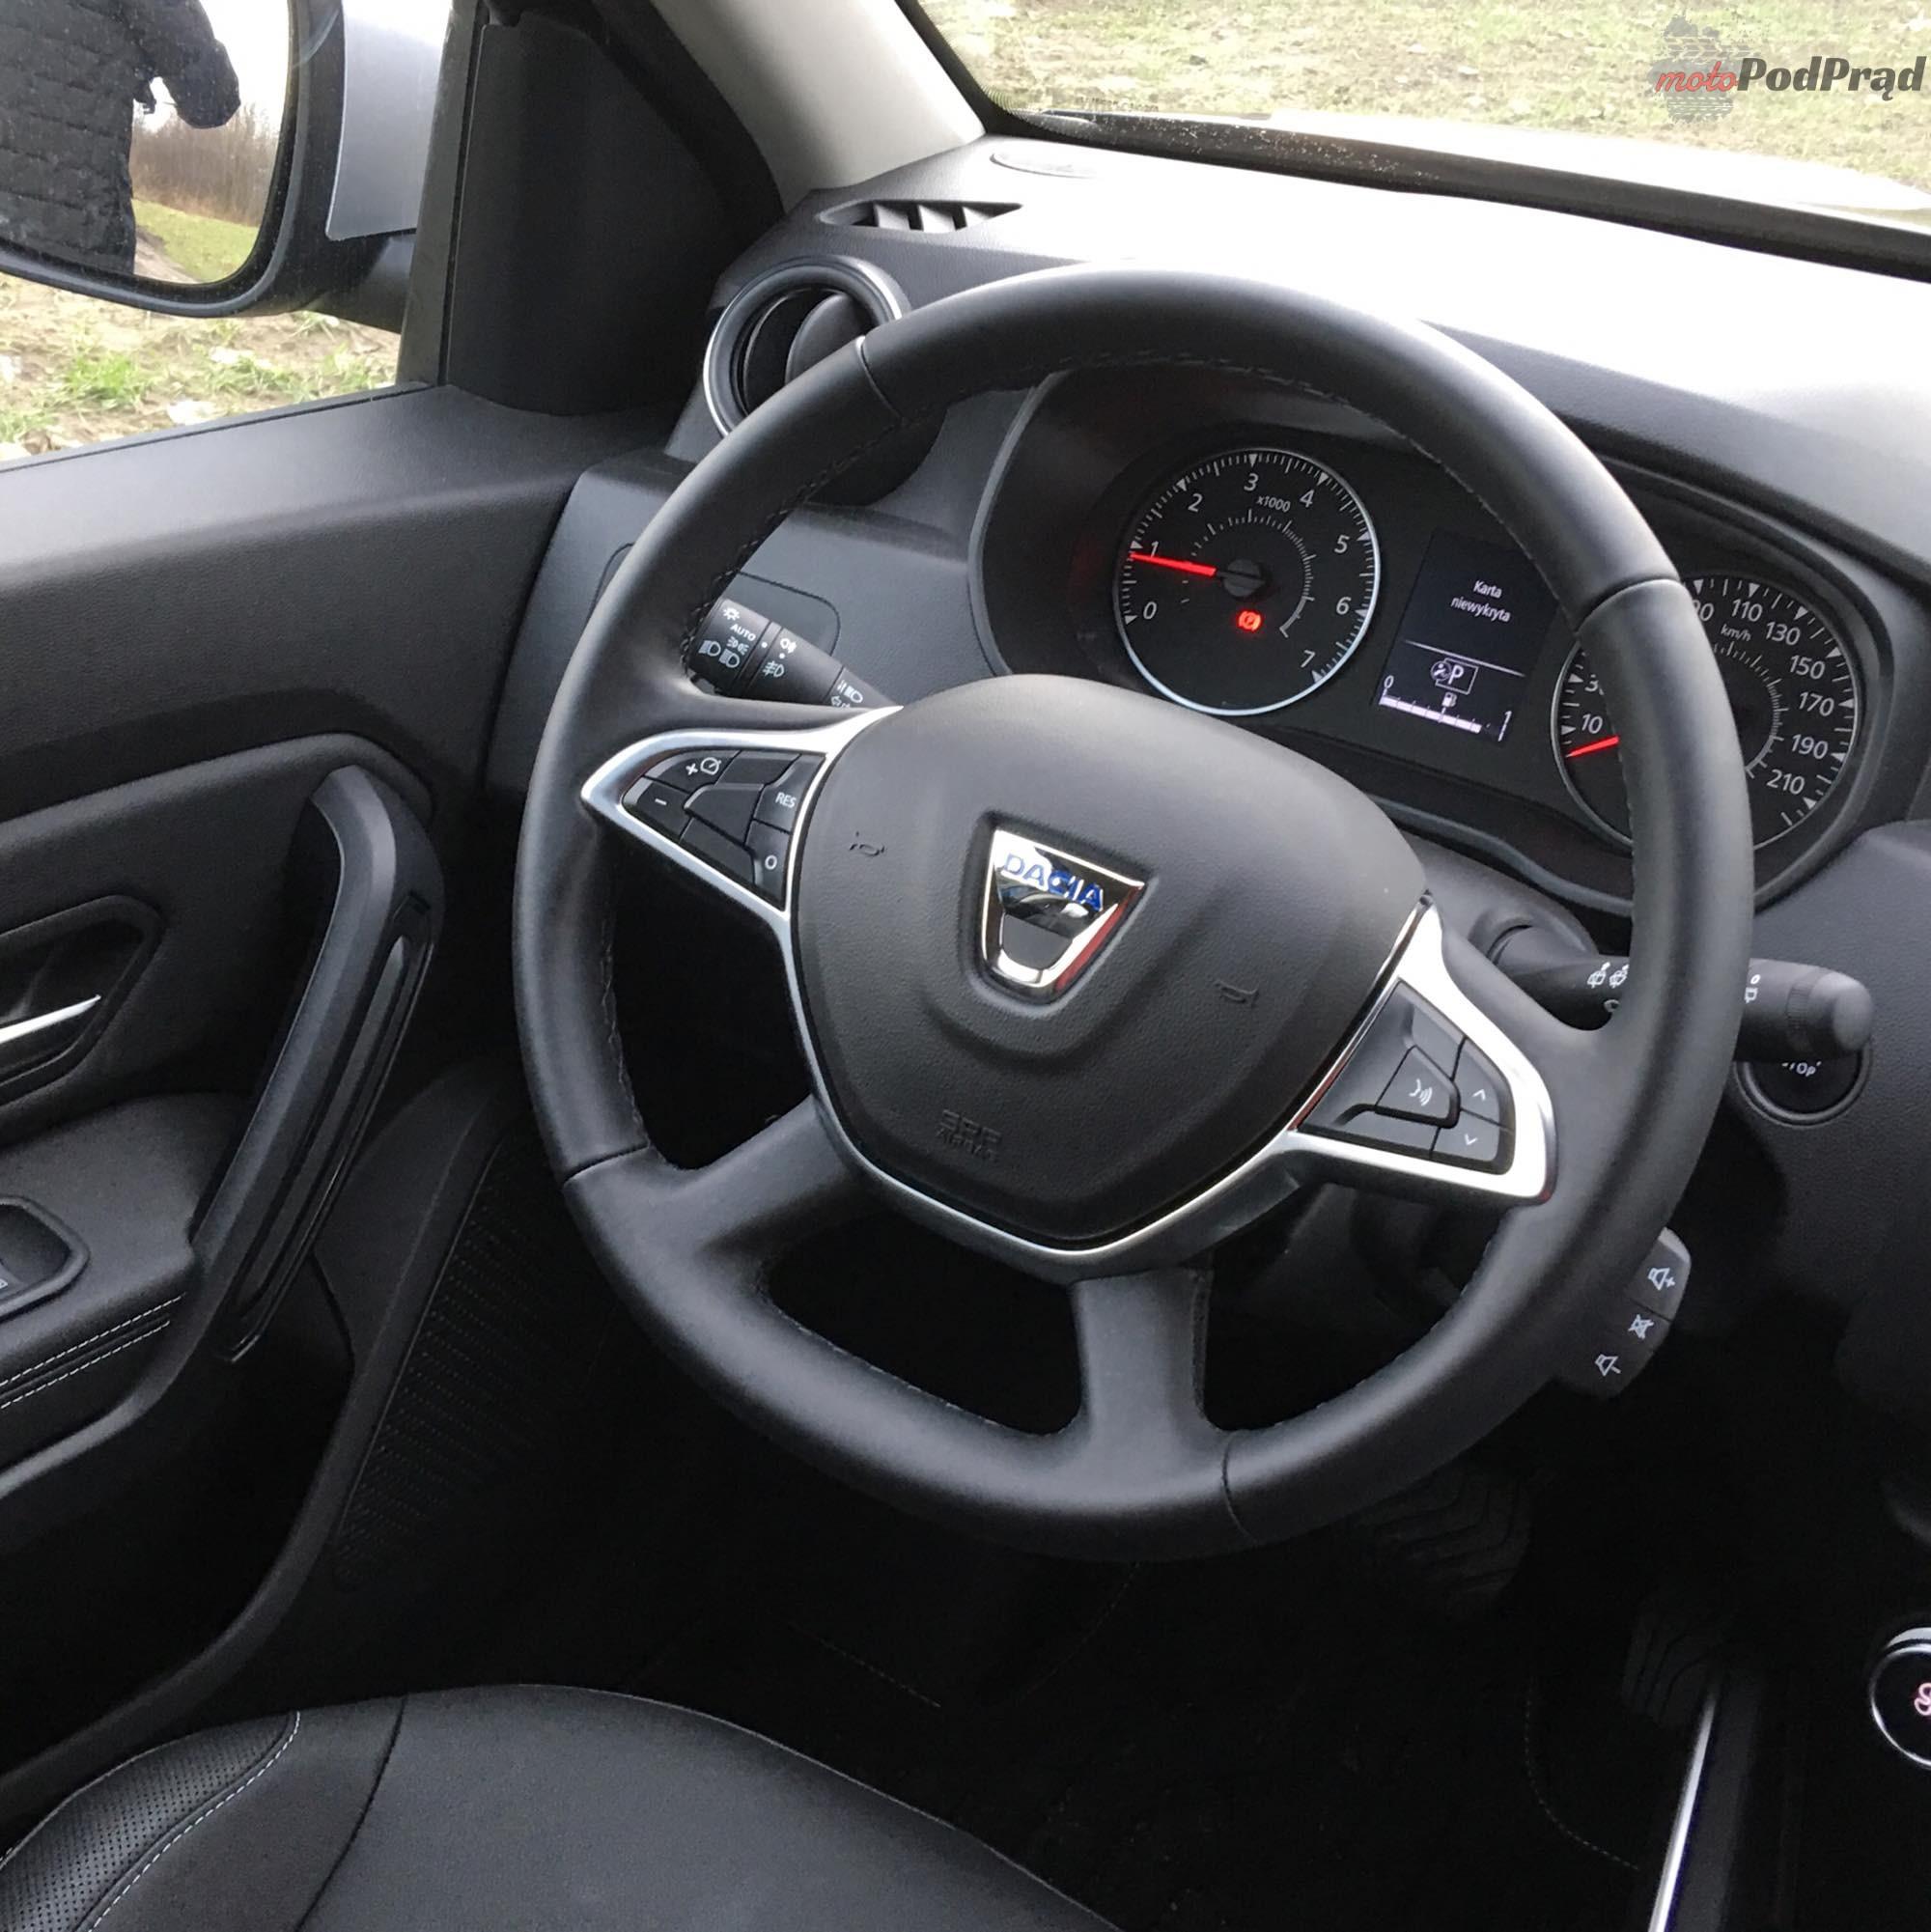 27786928 1607599312641963 1188070389 o Tanio, a dobrze   nowa Dacia Duster